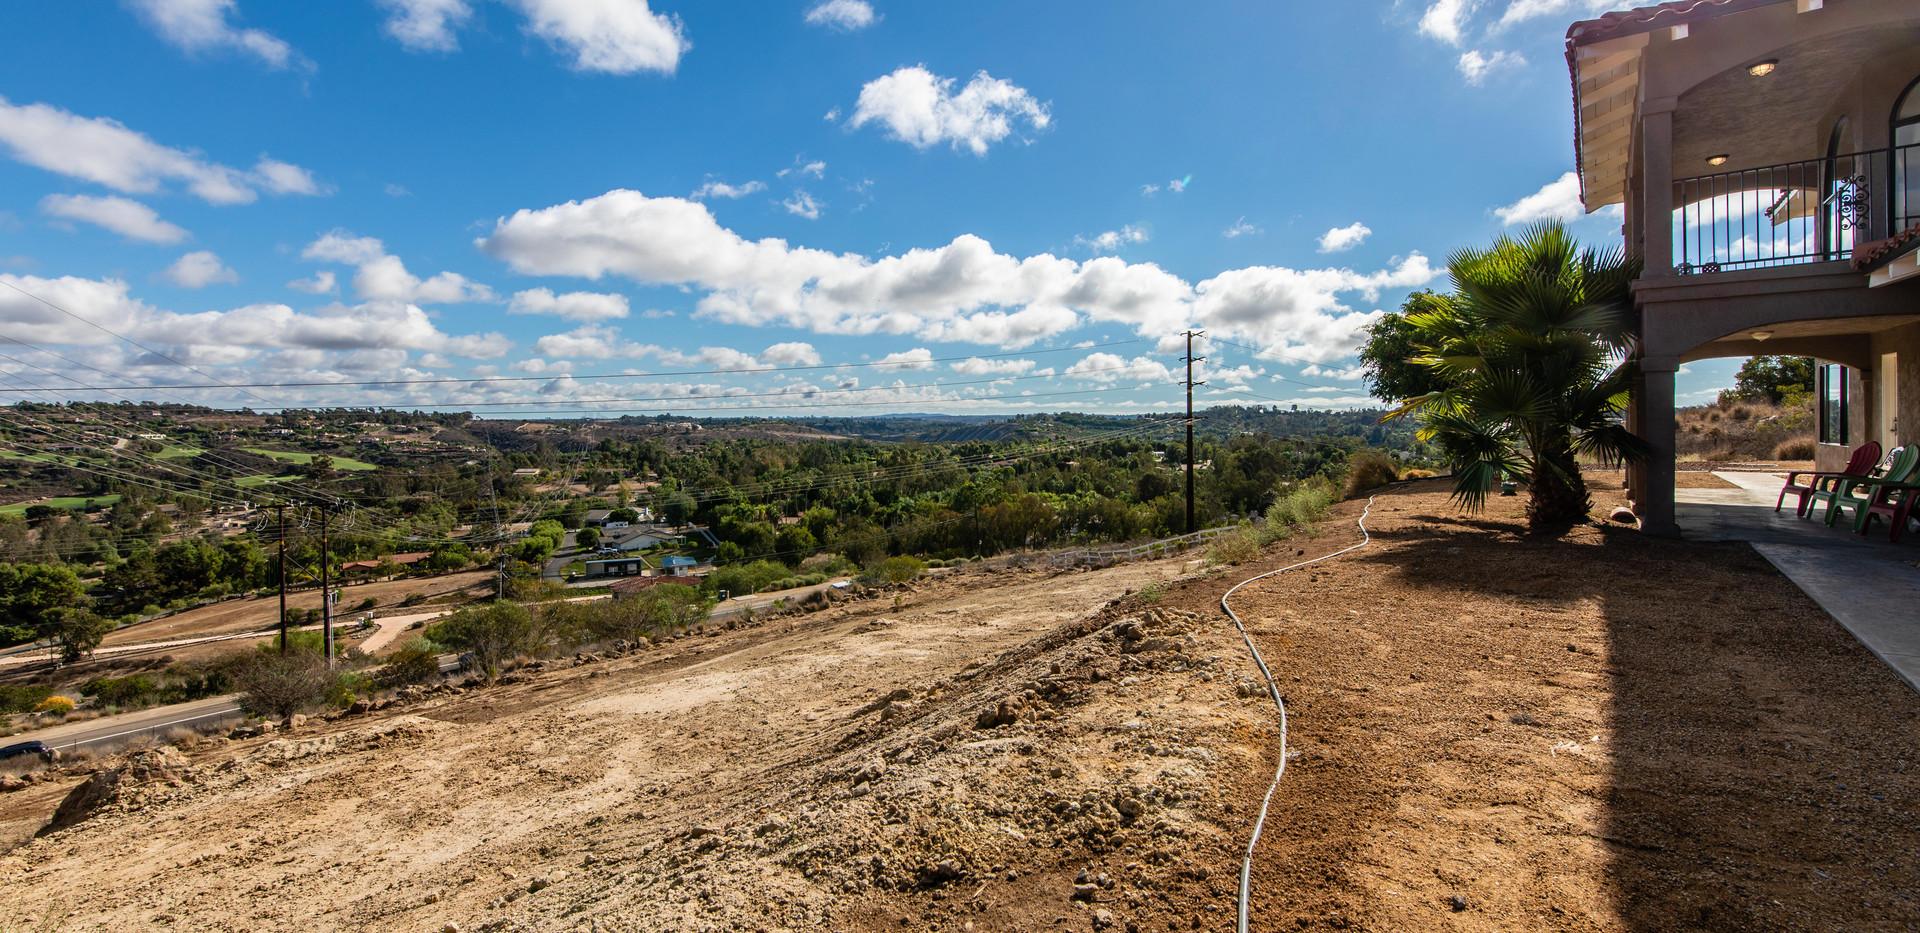 7087 Rancho Santa Fe View Ct-ext-19.jpg